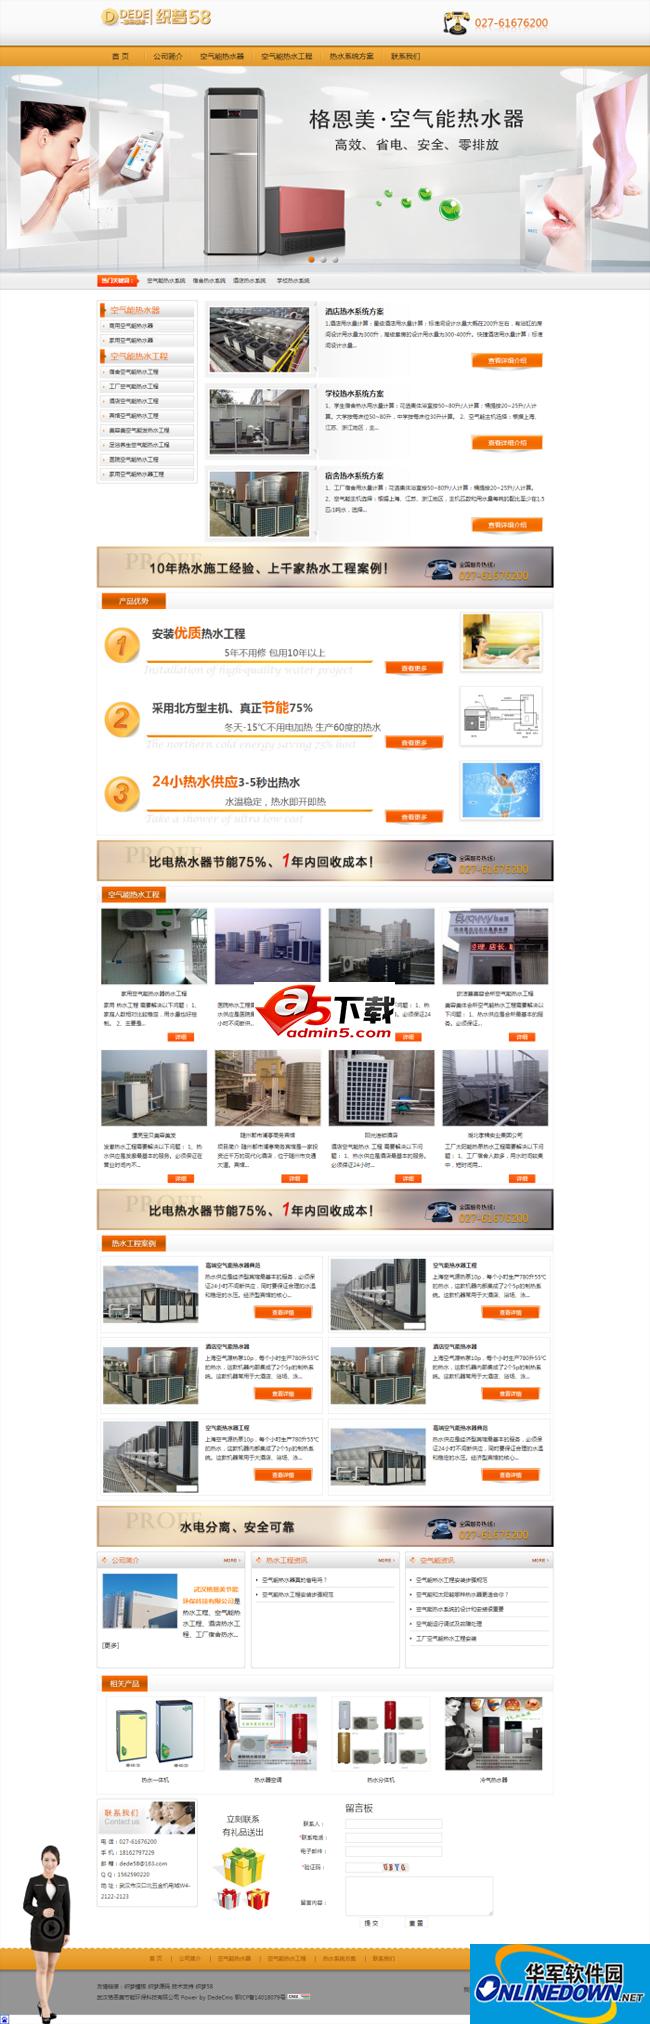 空气能源热水工程企业公司网站